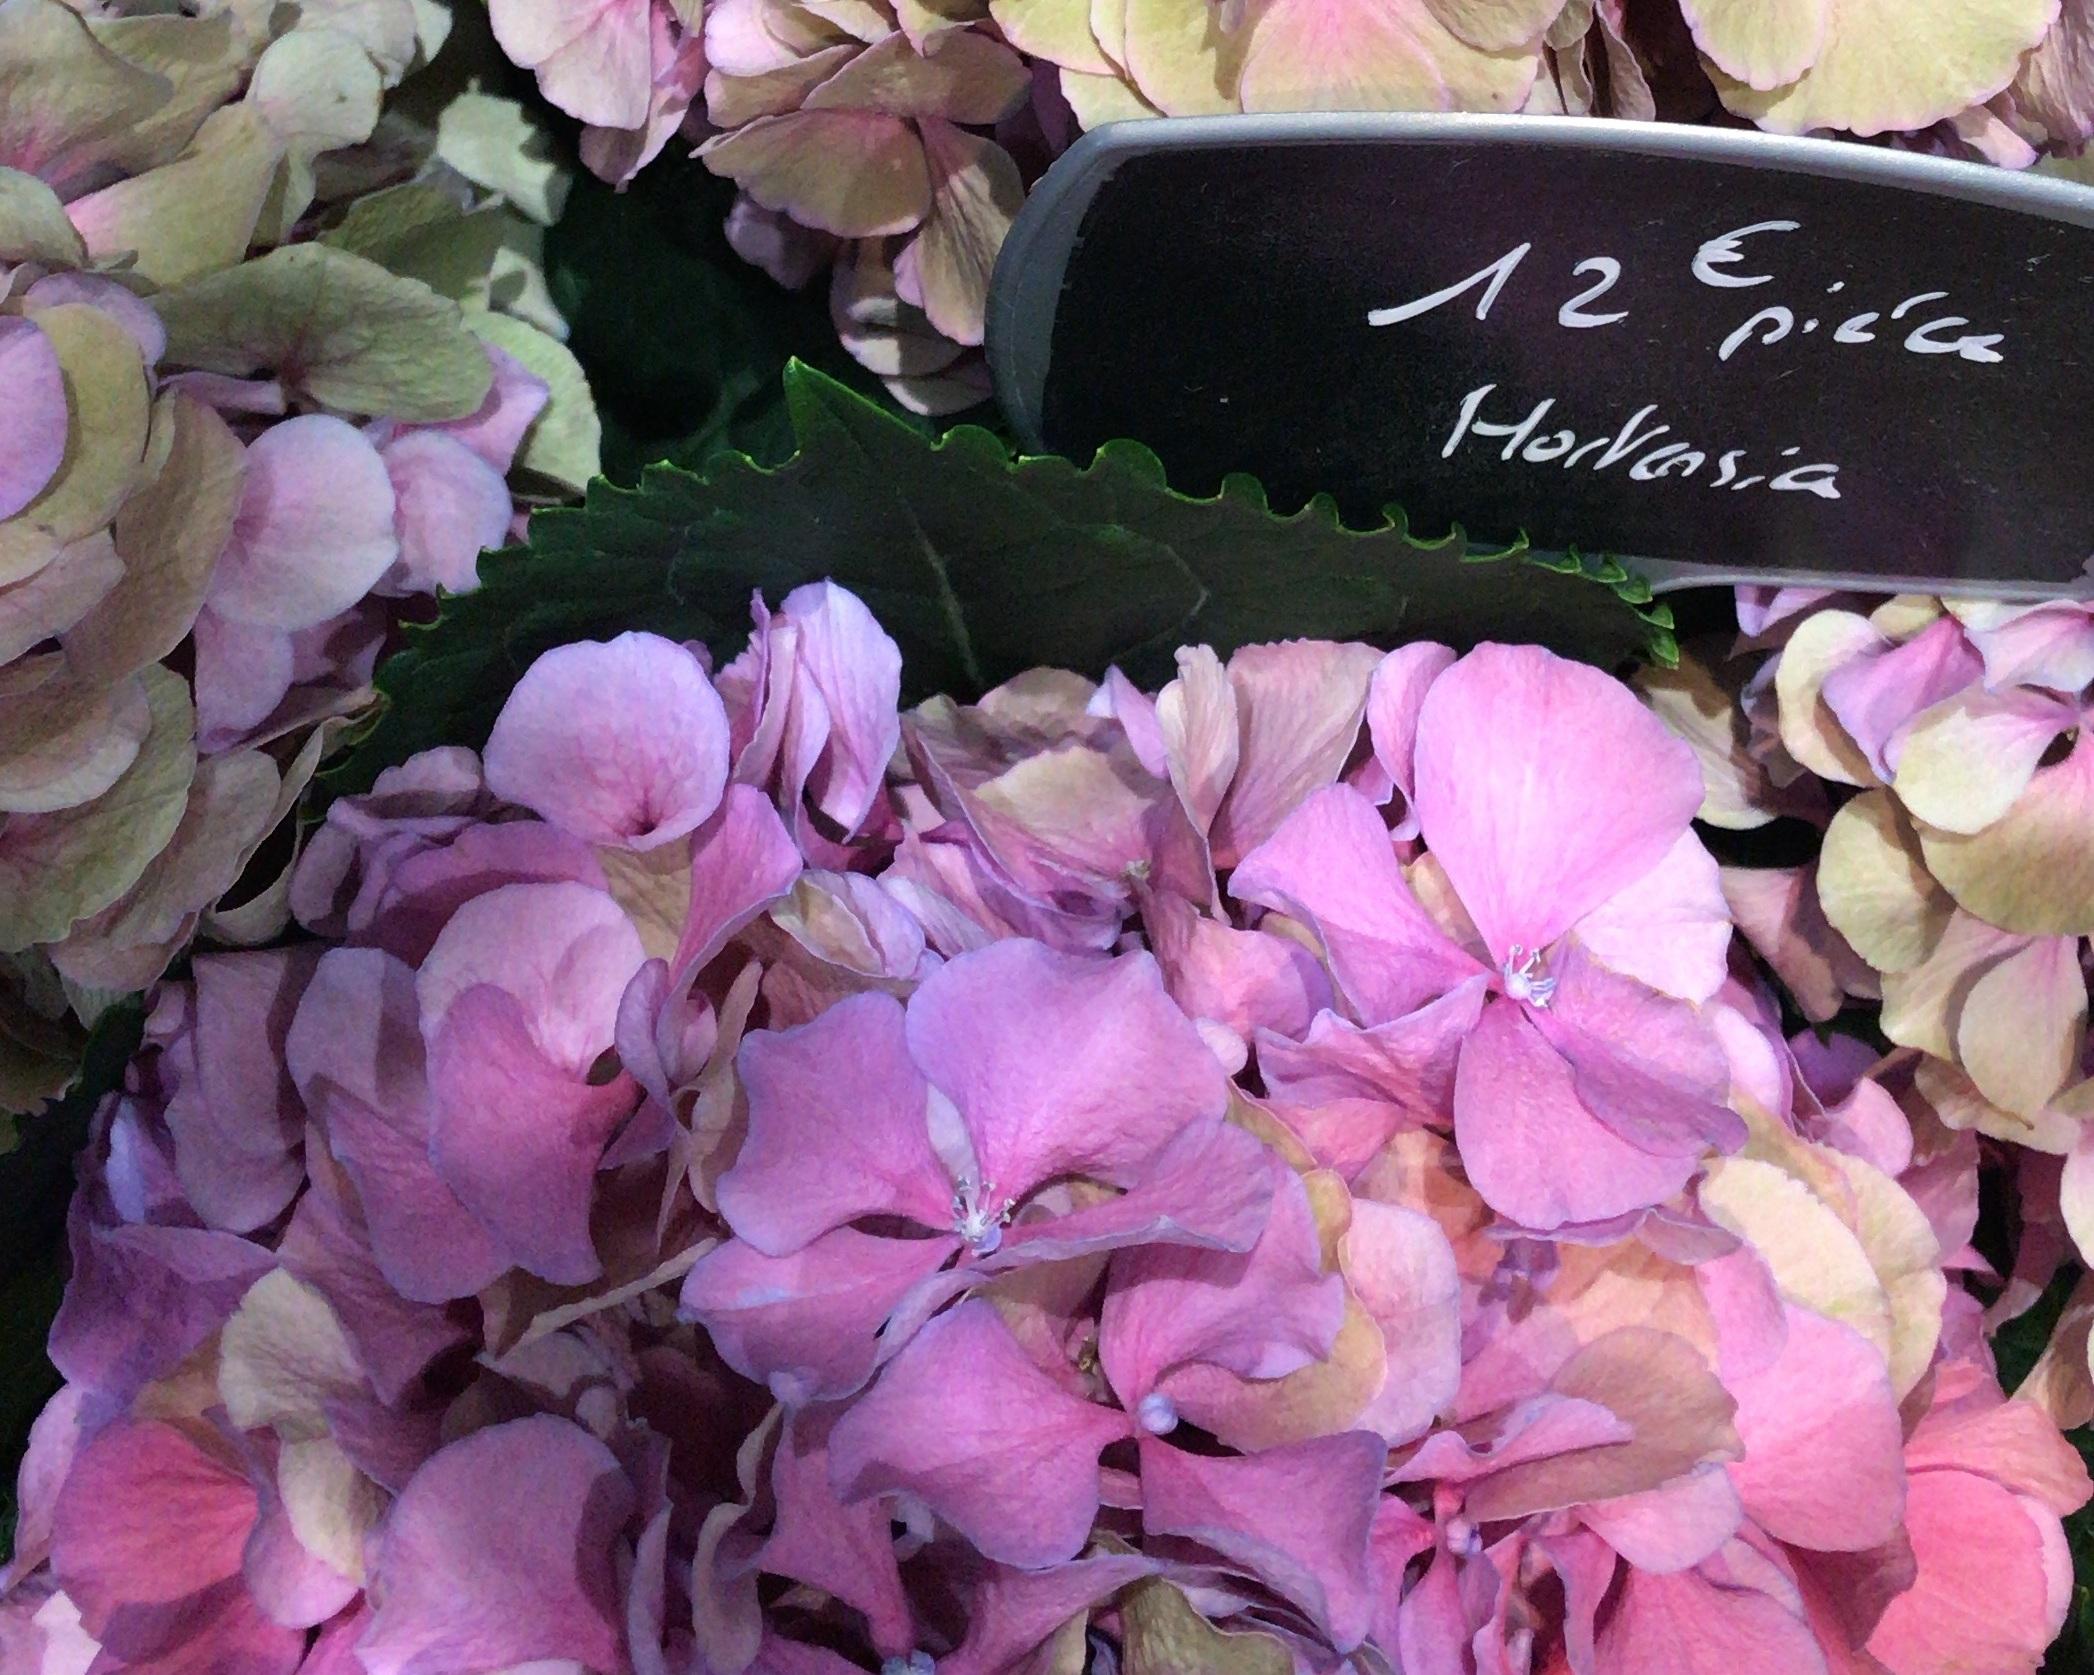 paris-flower-market-hydrangeas.jpg